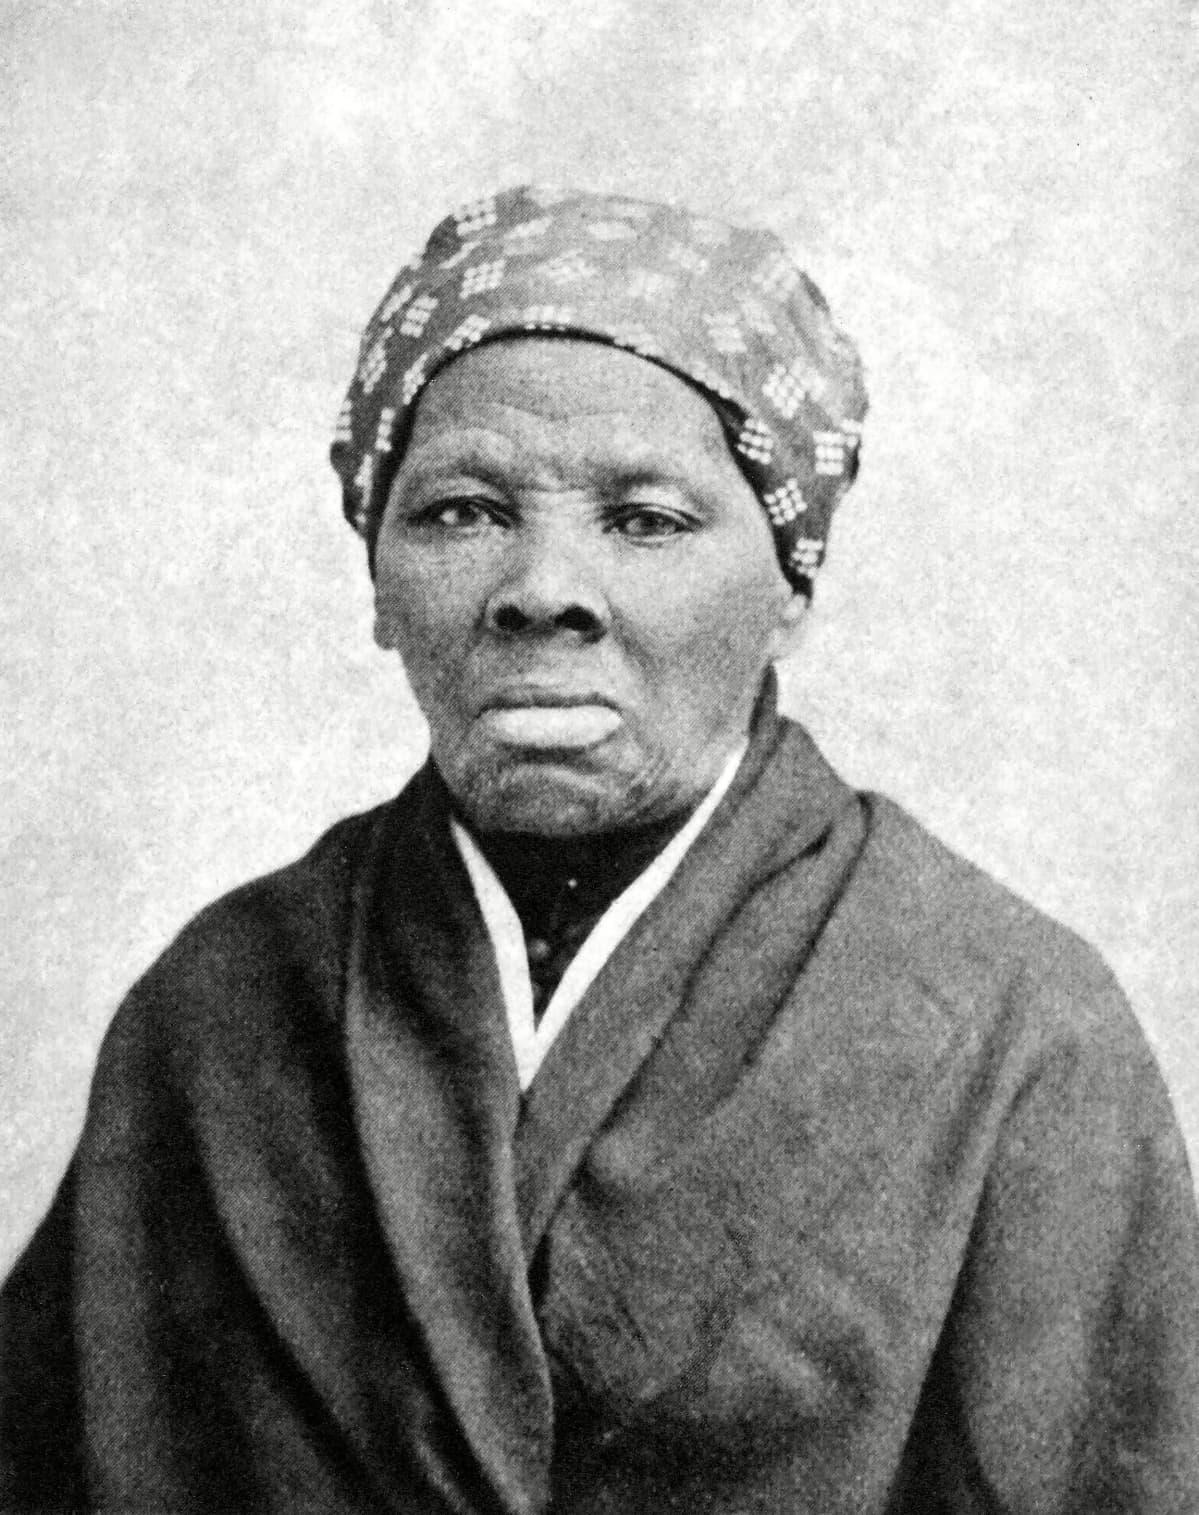 Mustavalkokuvassa on Harriet Tubman, päässään kuvioitu huivi, yllään takki.